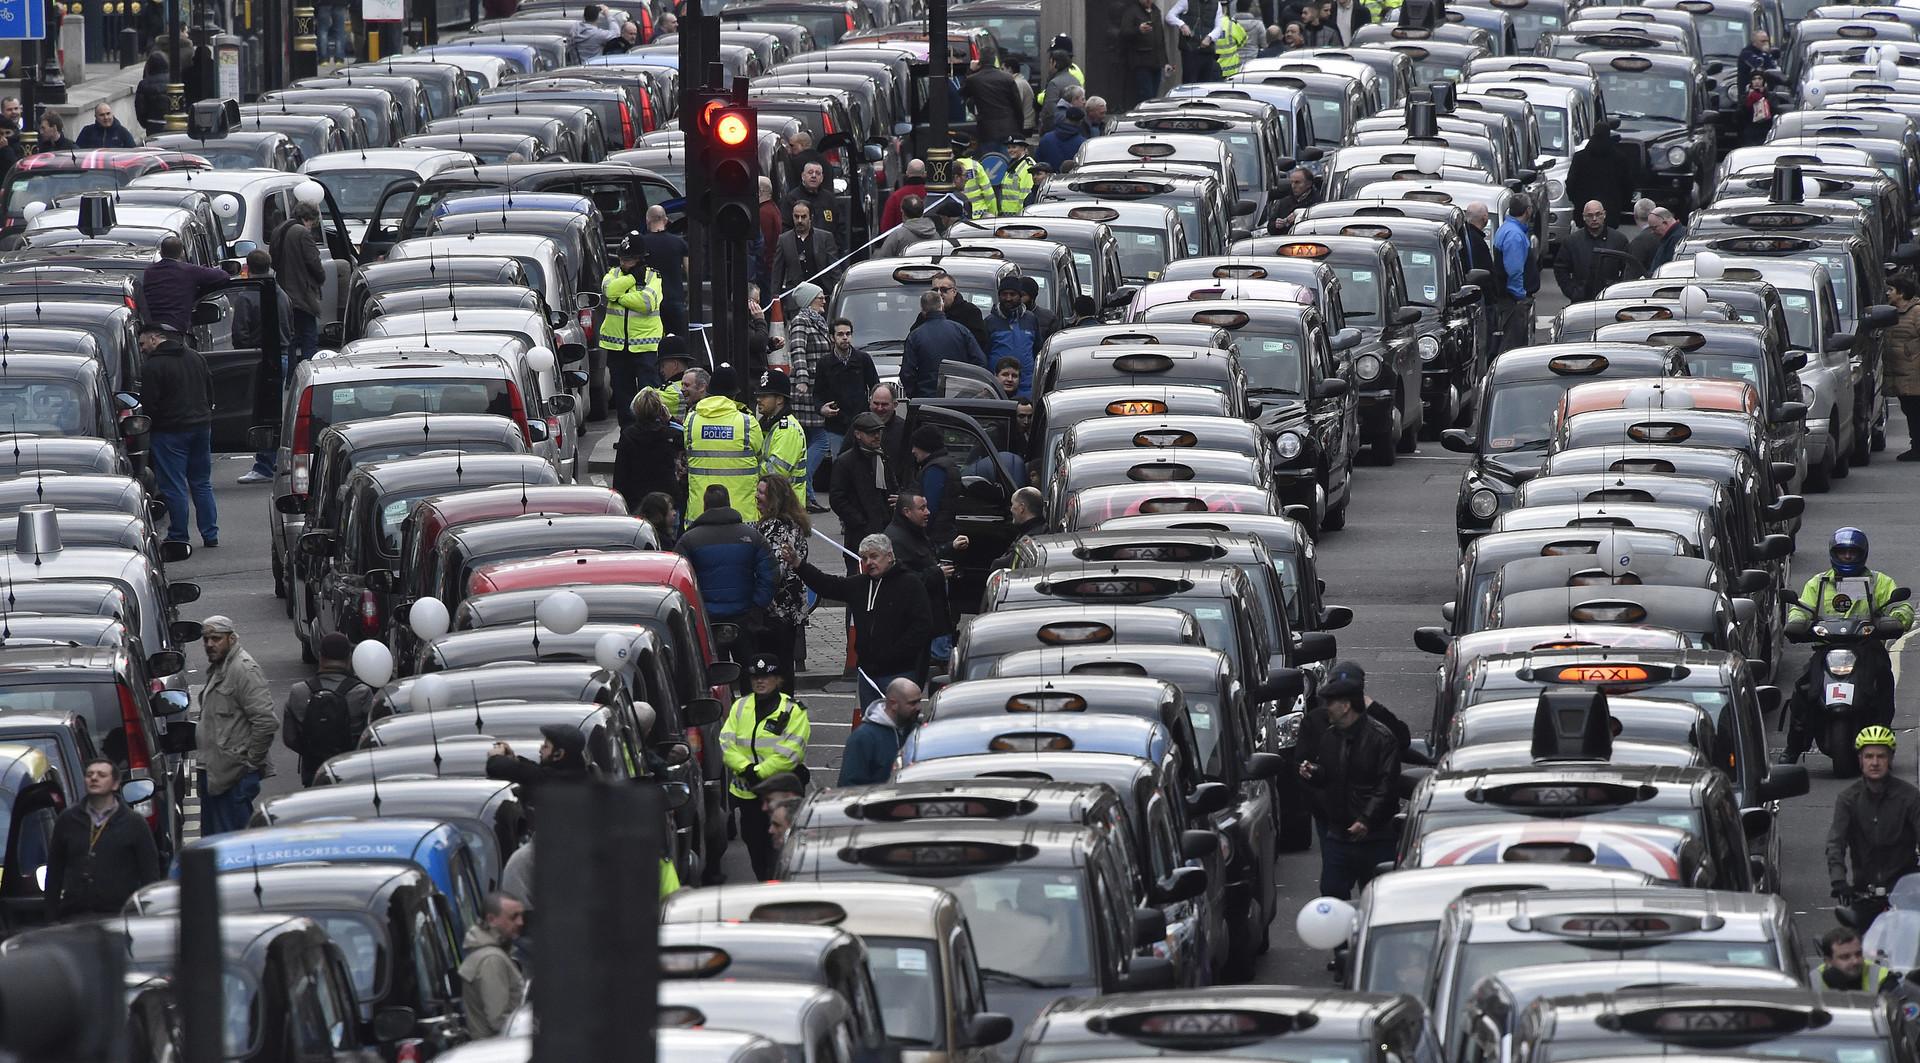 تطبيق أوبر يثير غضب سيارات التاكسي الأبيض في مصر